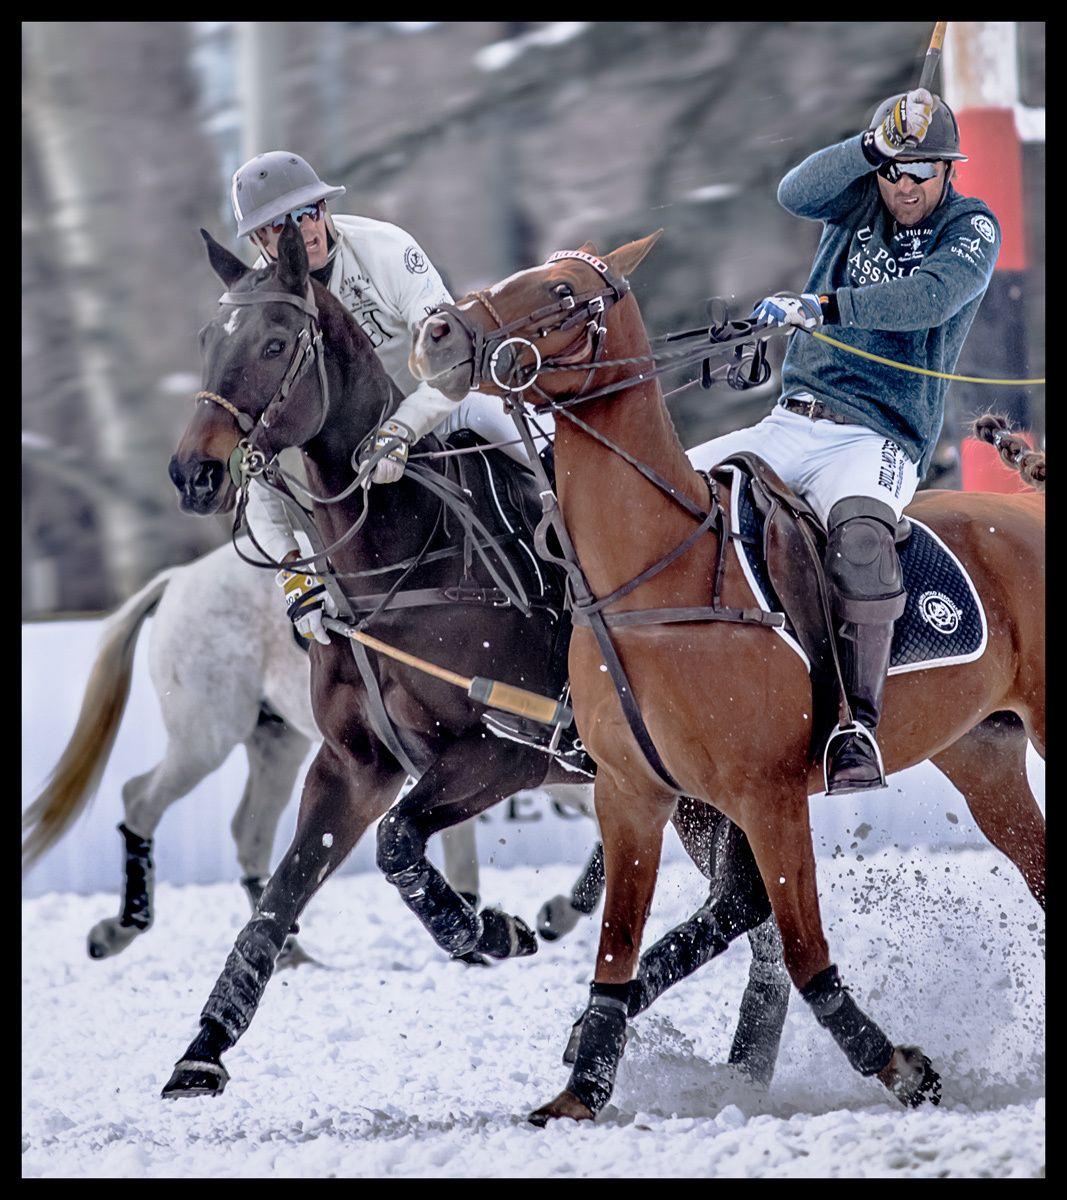 1nic_snow_polo_action